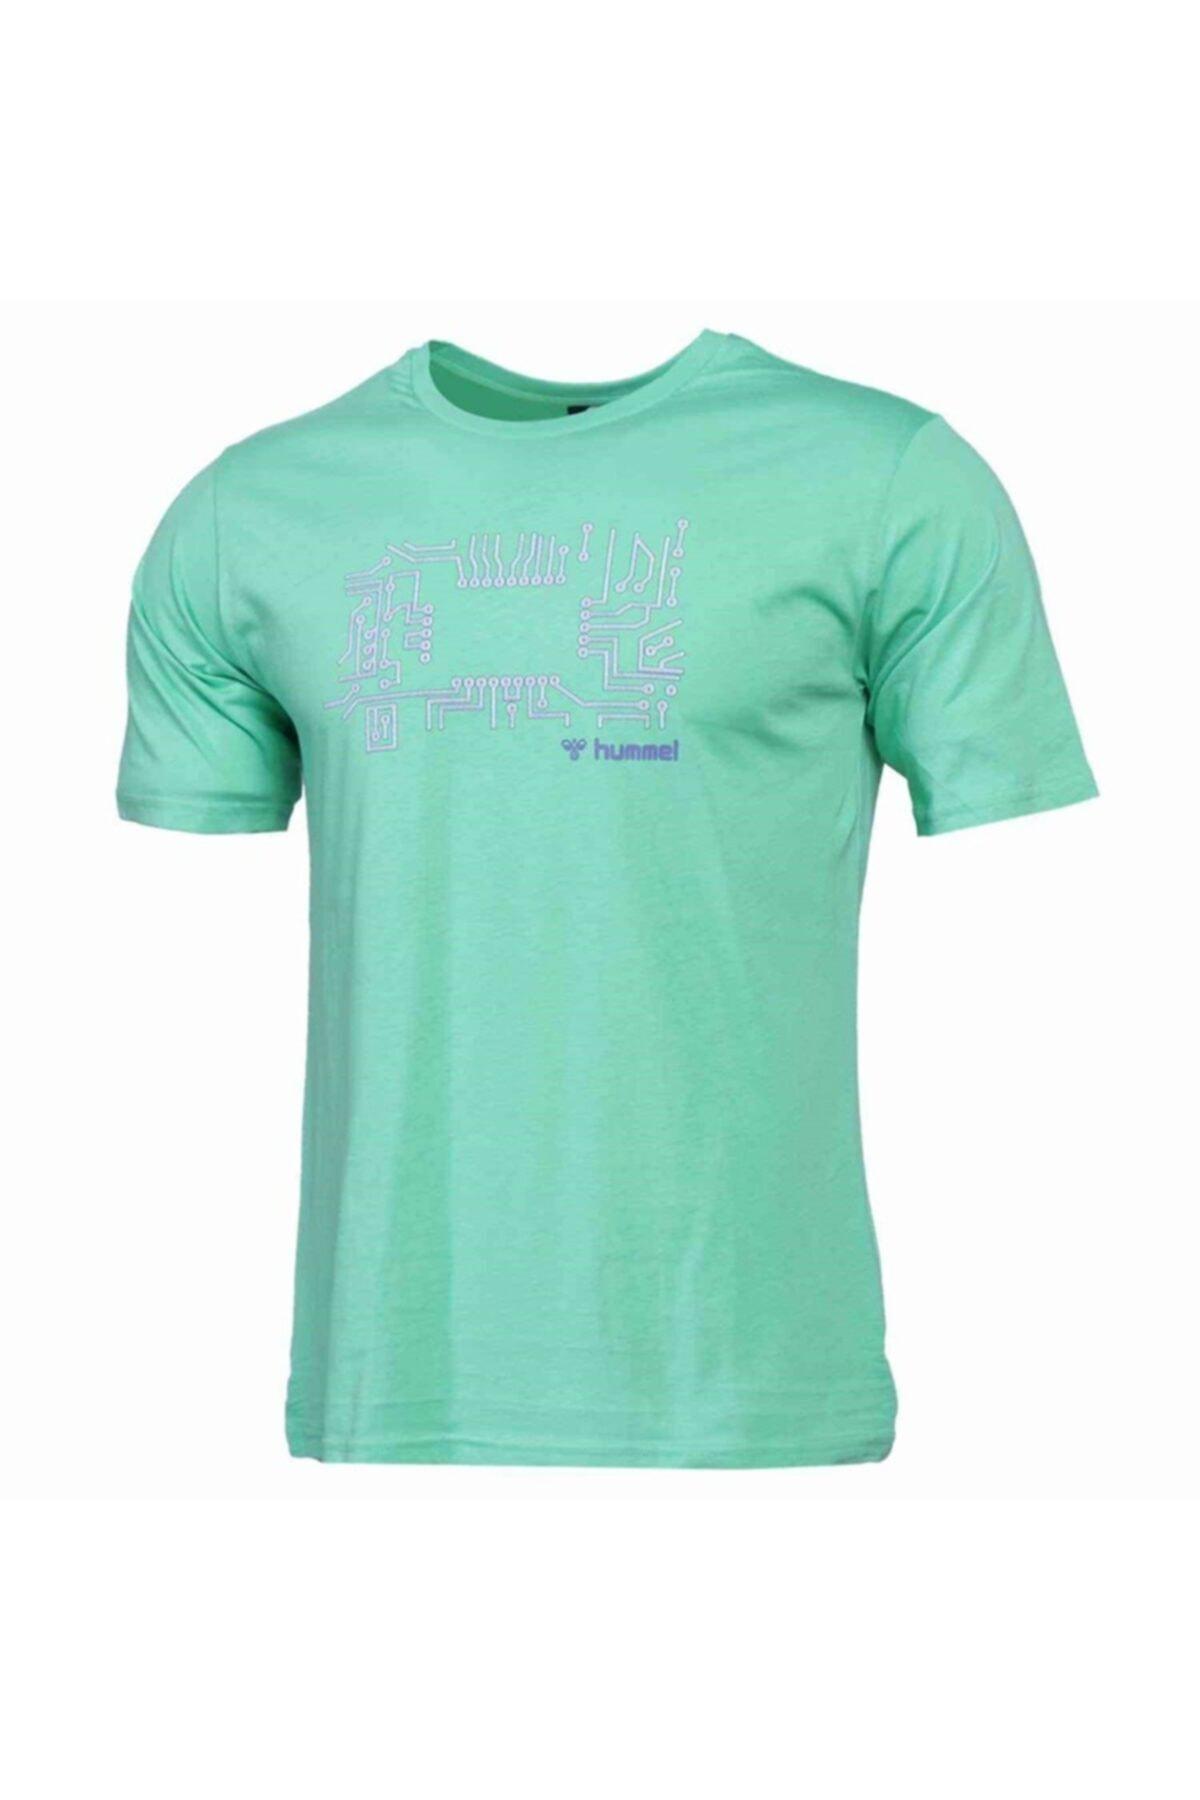 HUMMEL Erkek Hmlwargo T-shirt S/s Tee 1